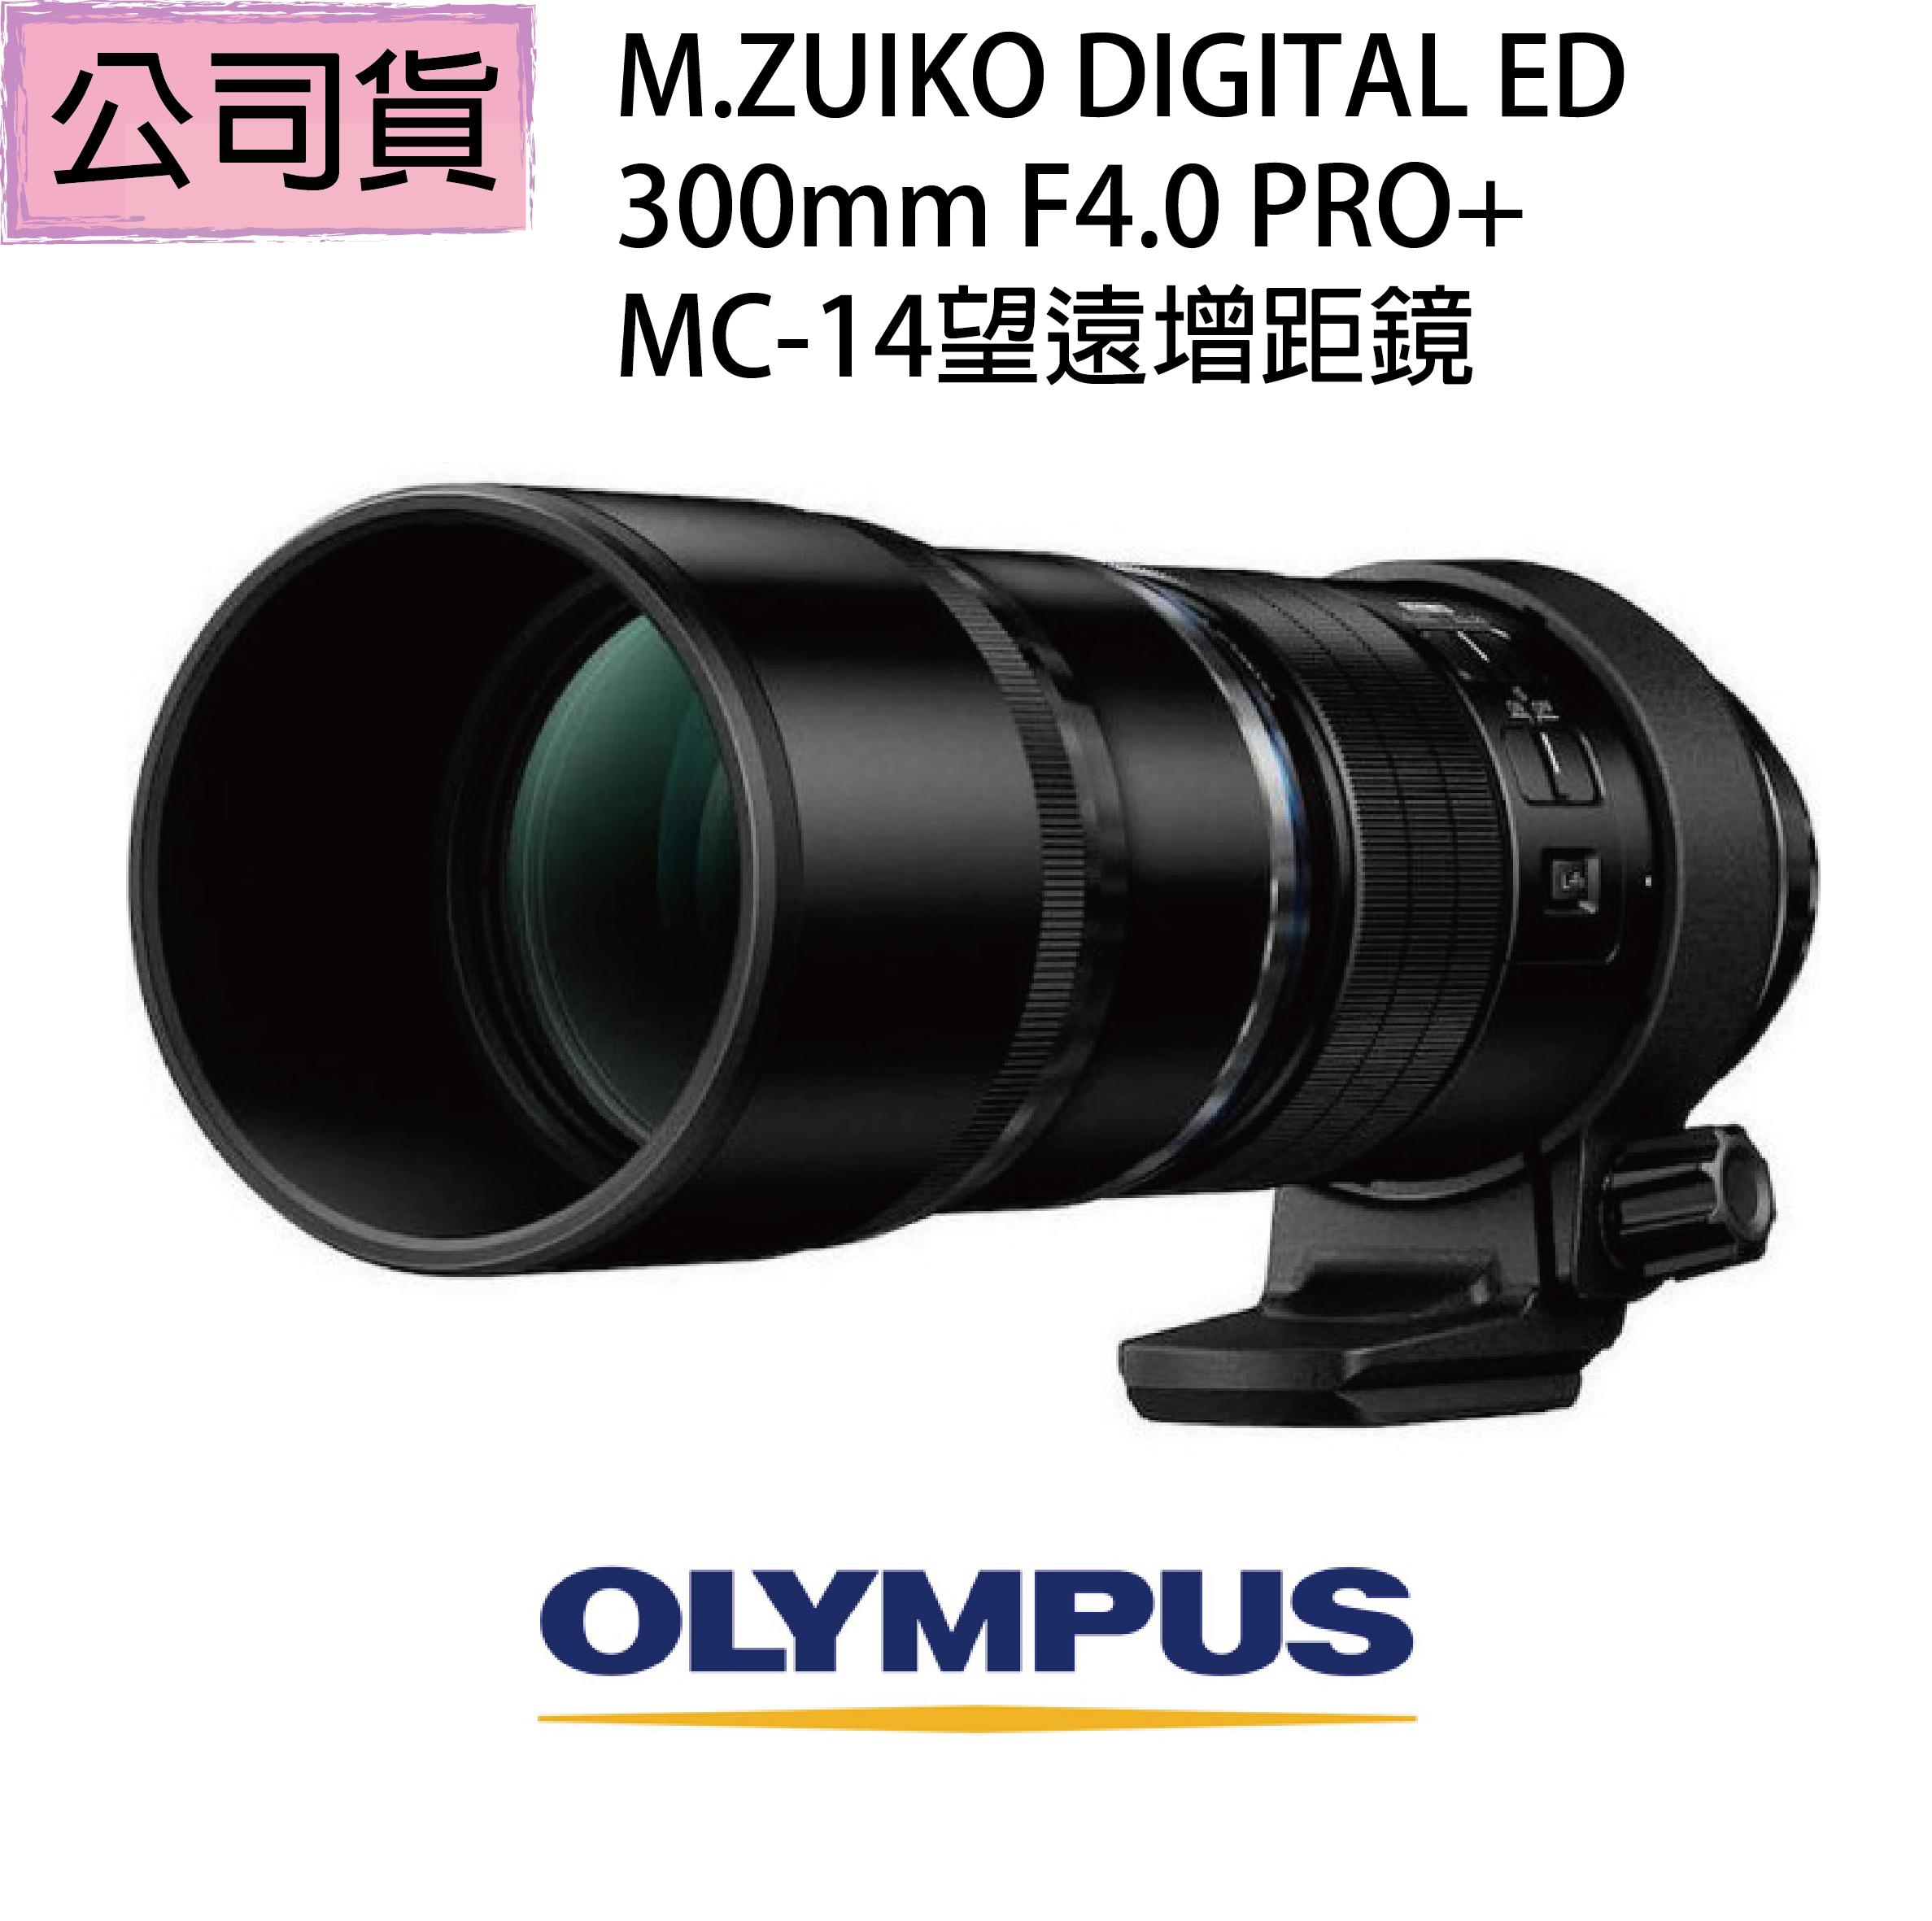 贈【LENSPEN LP-1清潔拭鏡筆】【OLYMPUS】M.ZUIKO DIGITAL ED 300mm F4.0 PRO+MC-14望遠增距鏡(公司貨)